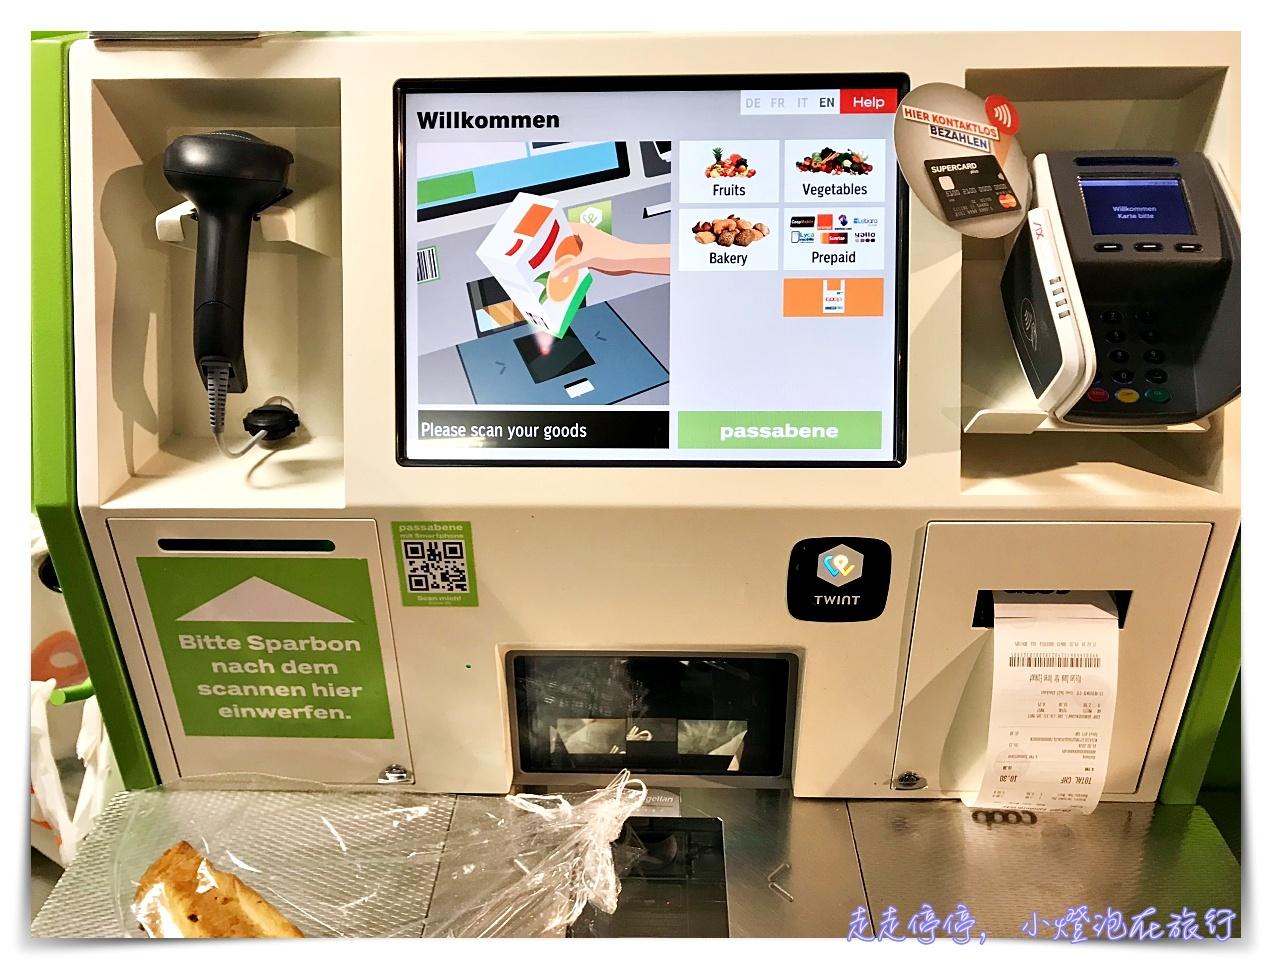 瑞士coop超市|蘇黎世生活大採買,超市自助結賬系統超有趣~